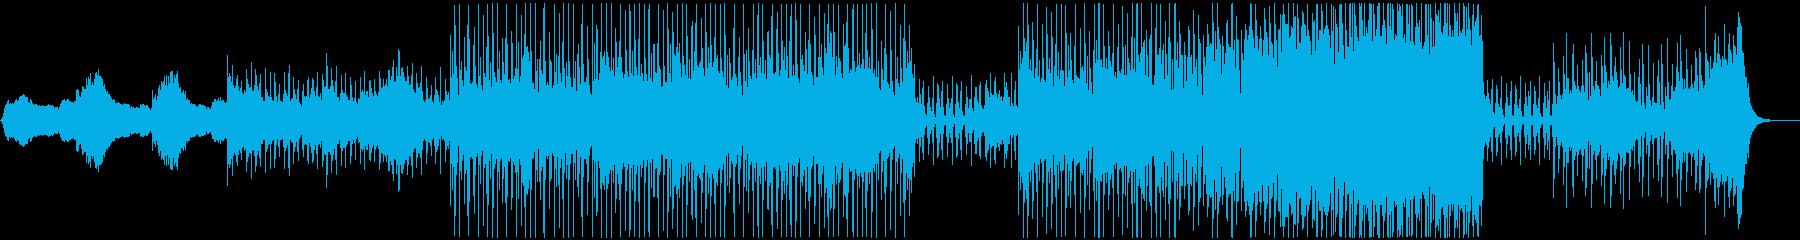 ダークで神秘的な曲の再生済みの波形